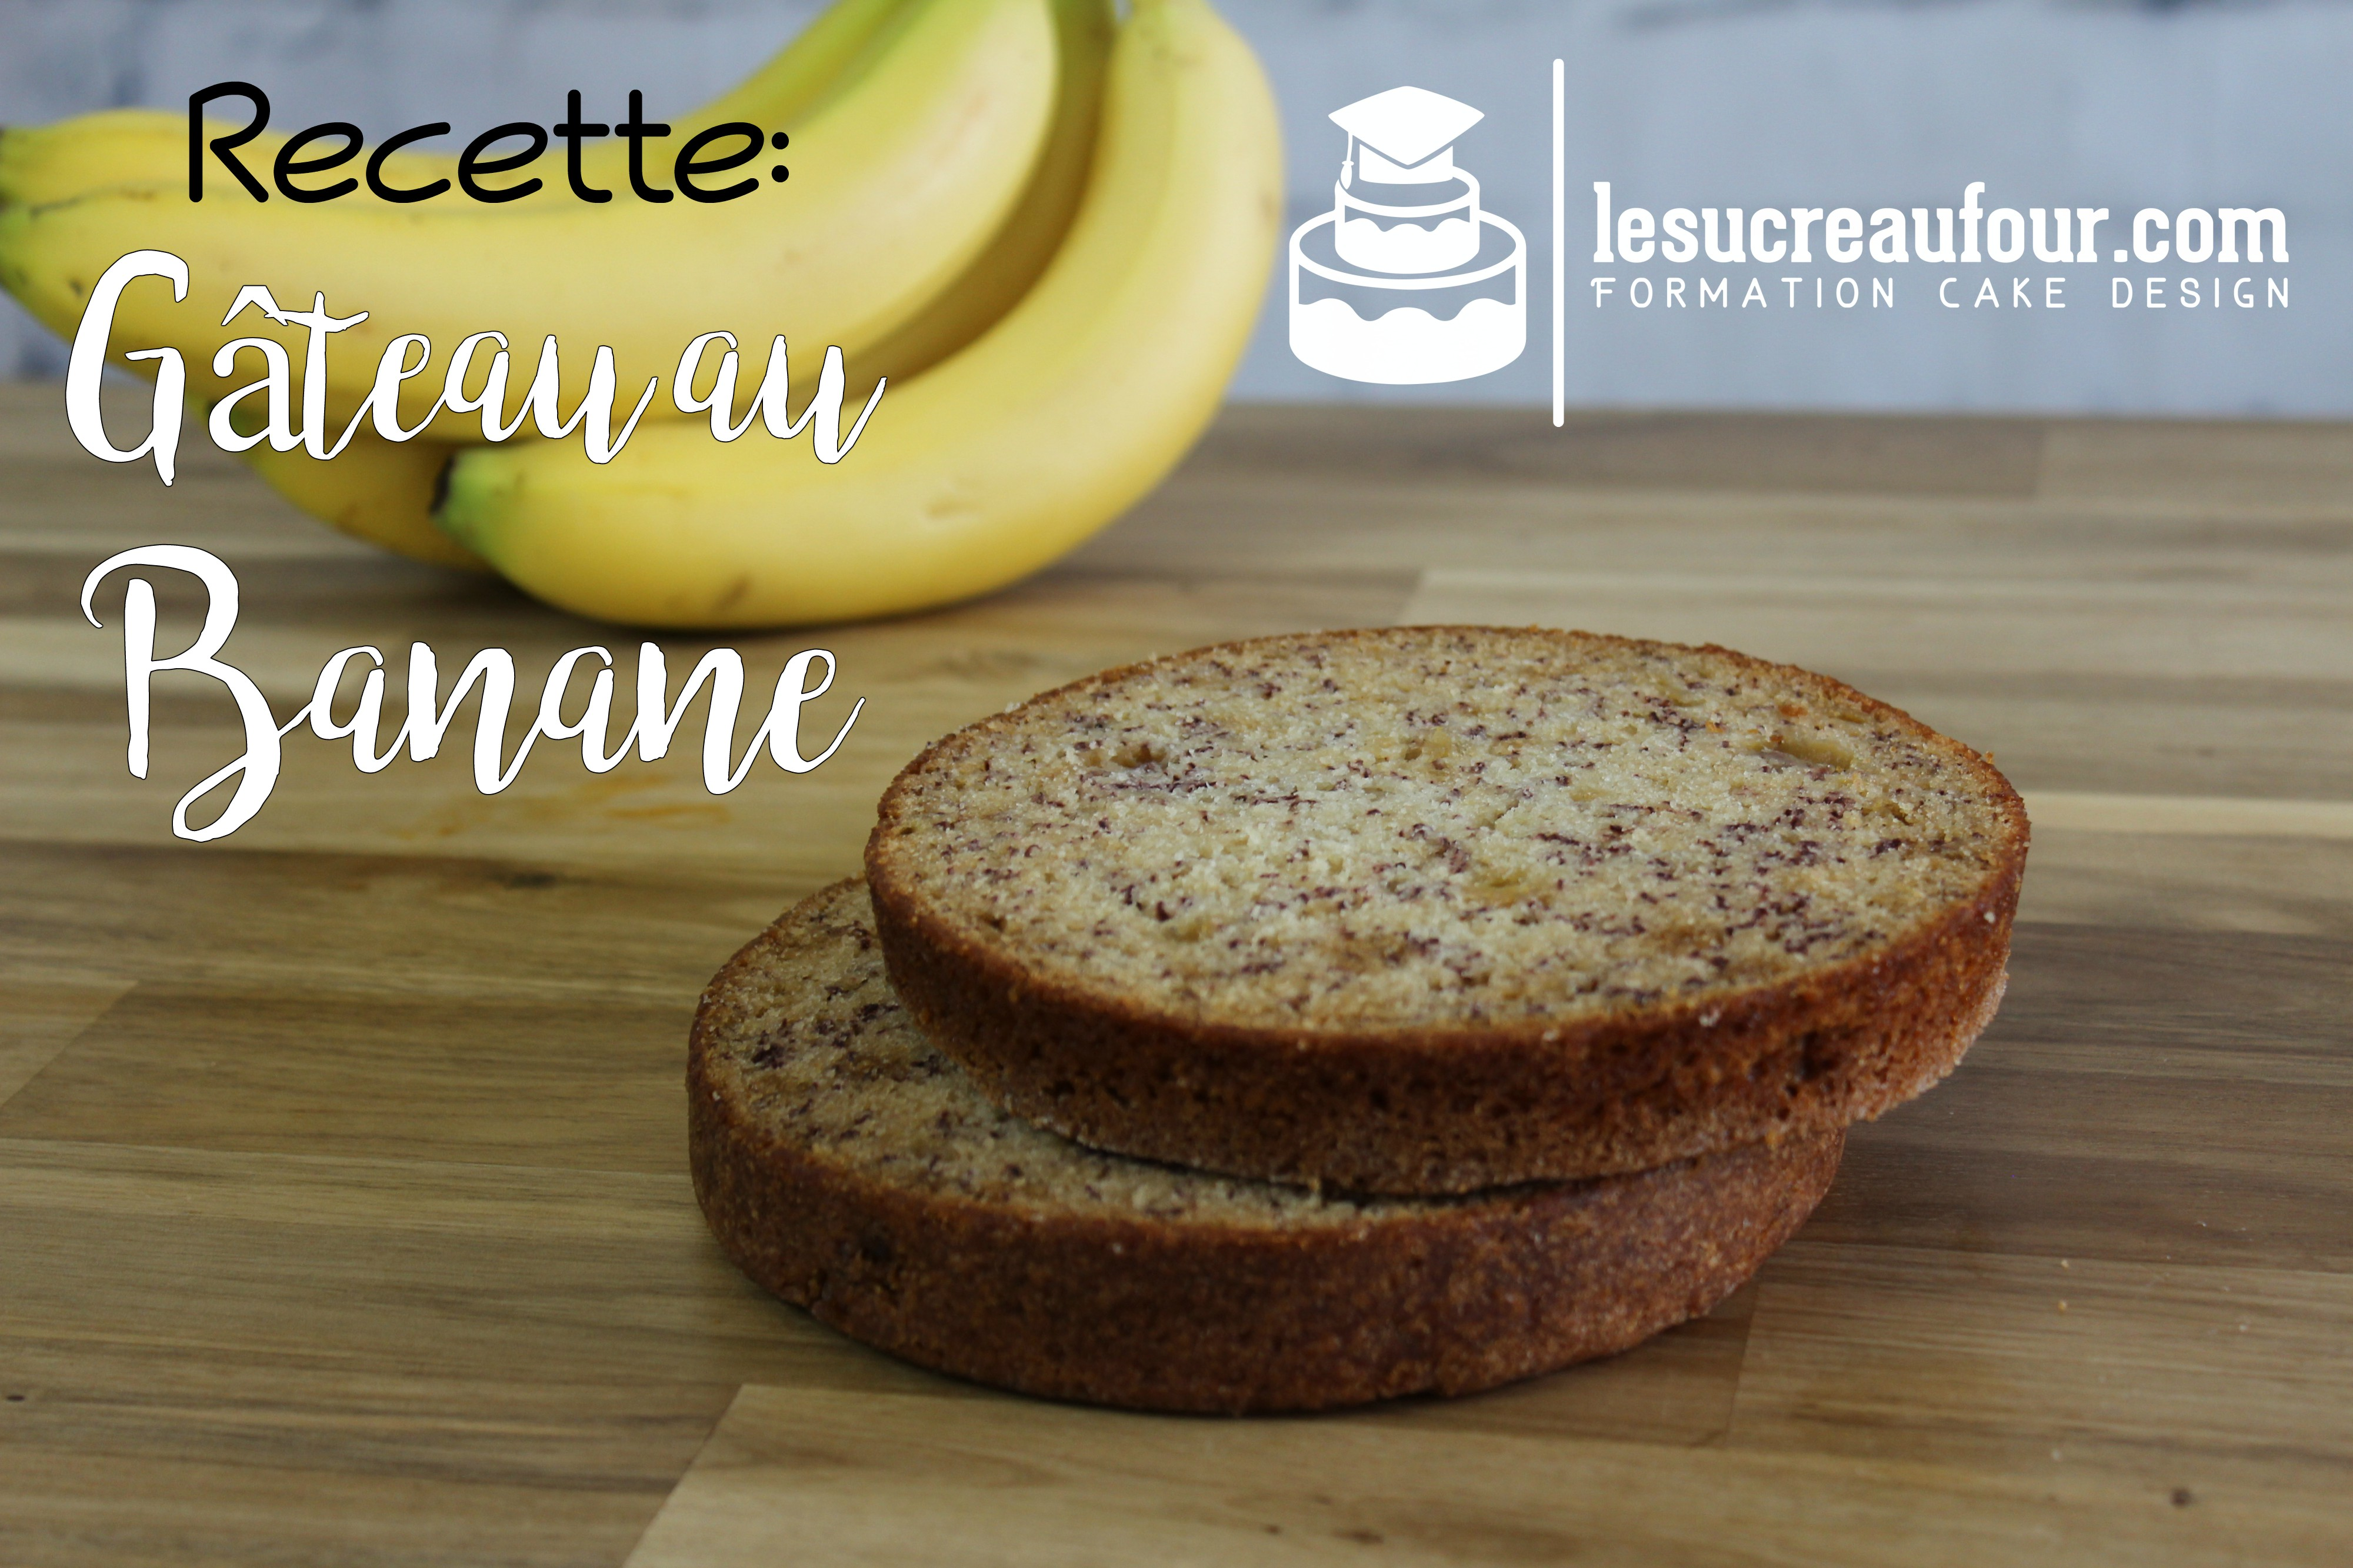 recette de g226teau au banane recette de cake design